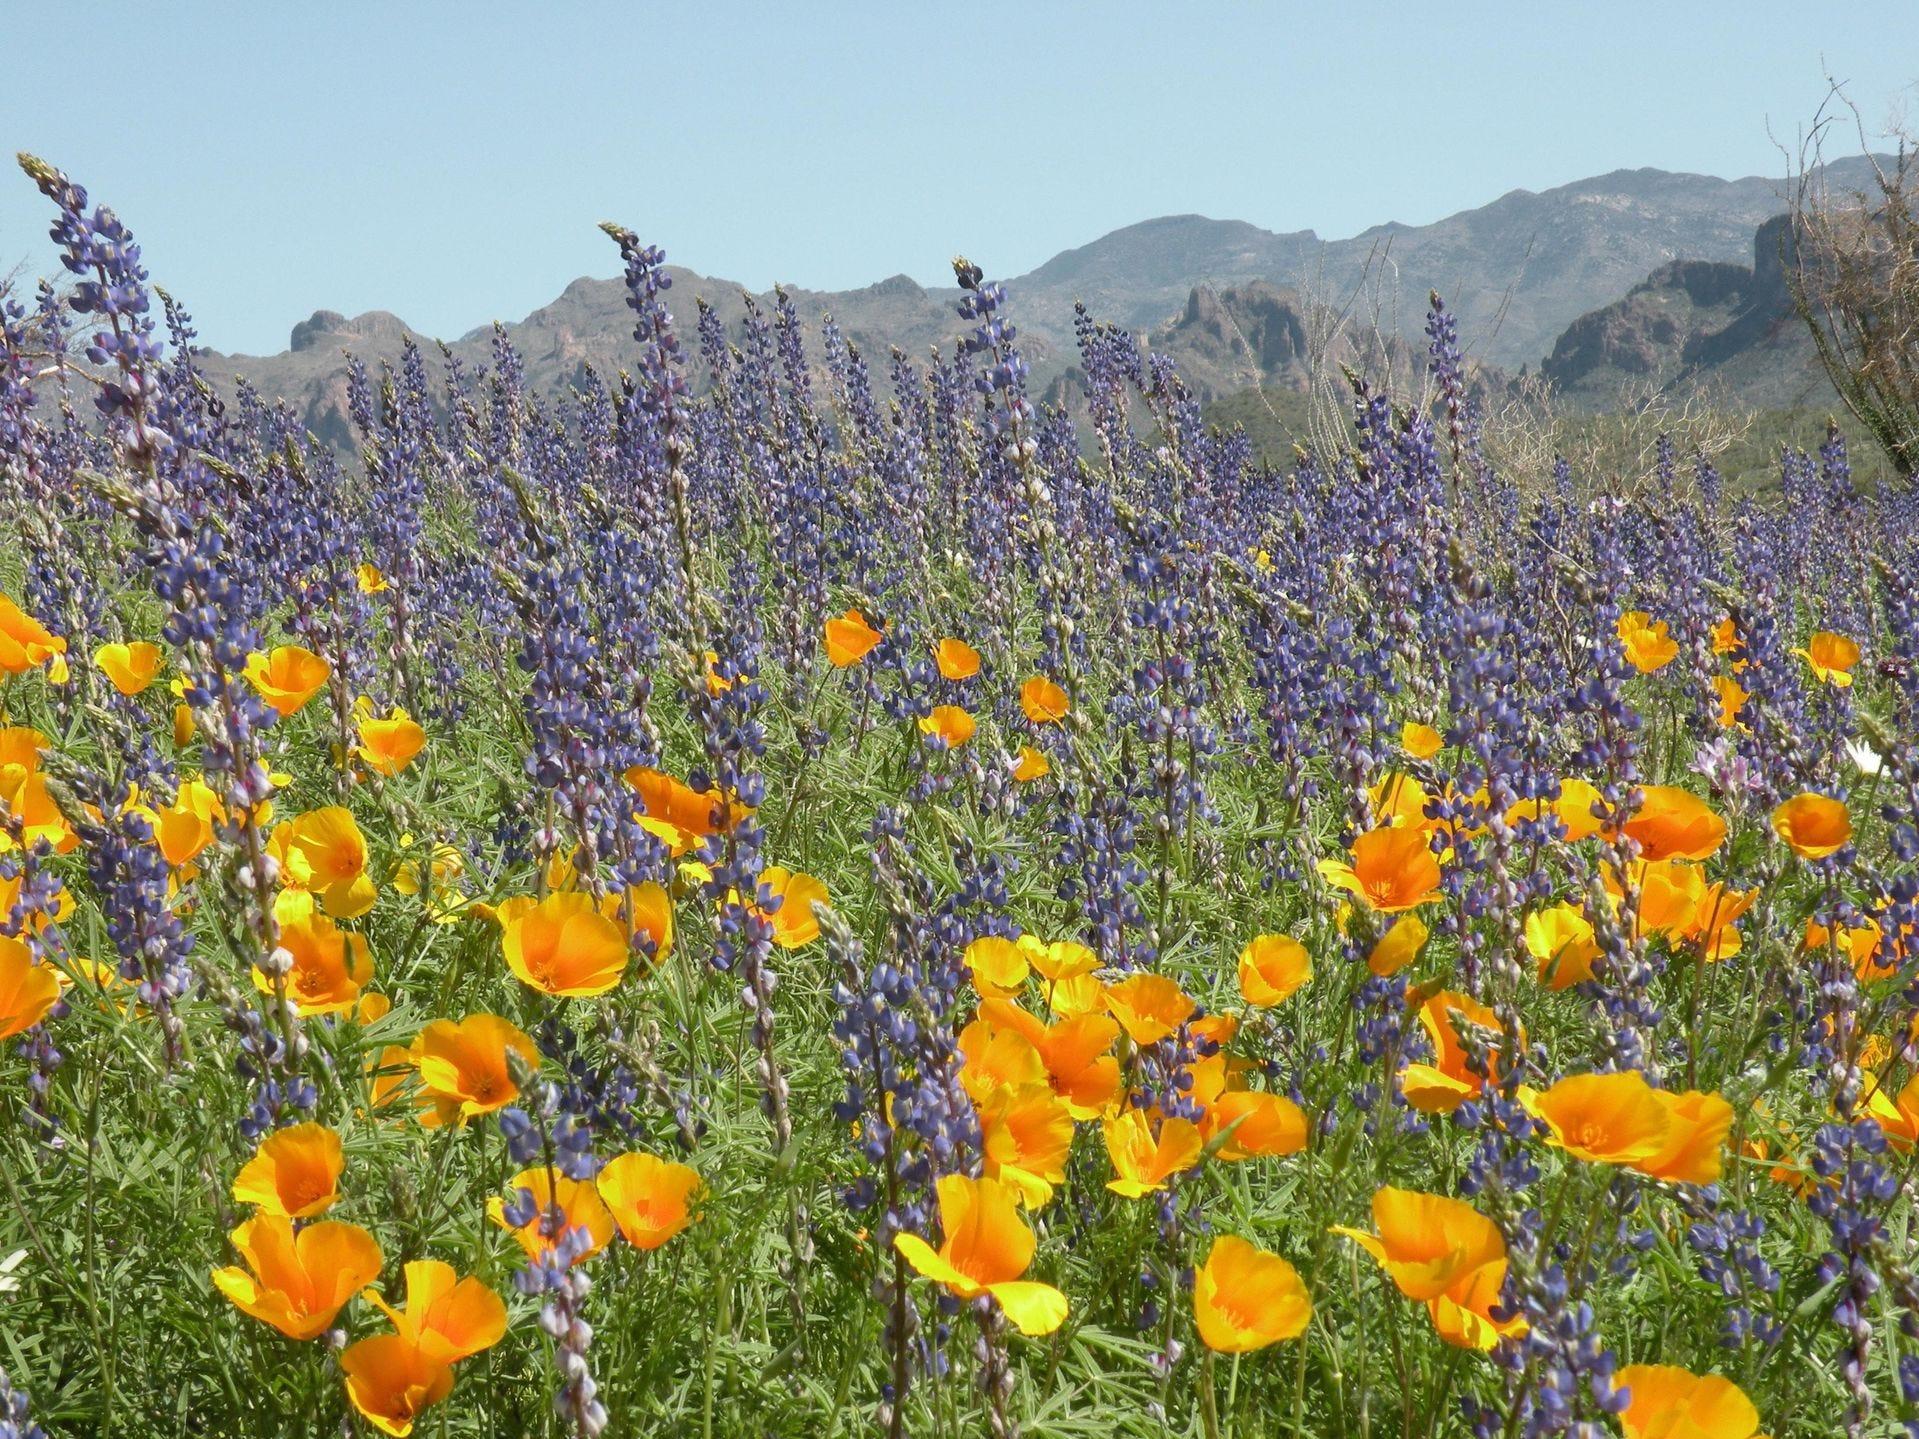 Las amapolas y el lupino hacen una declaración colorida en el desierto de Arizona.